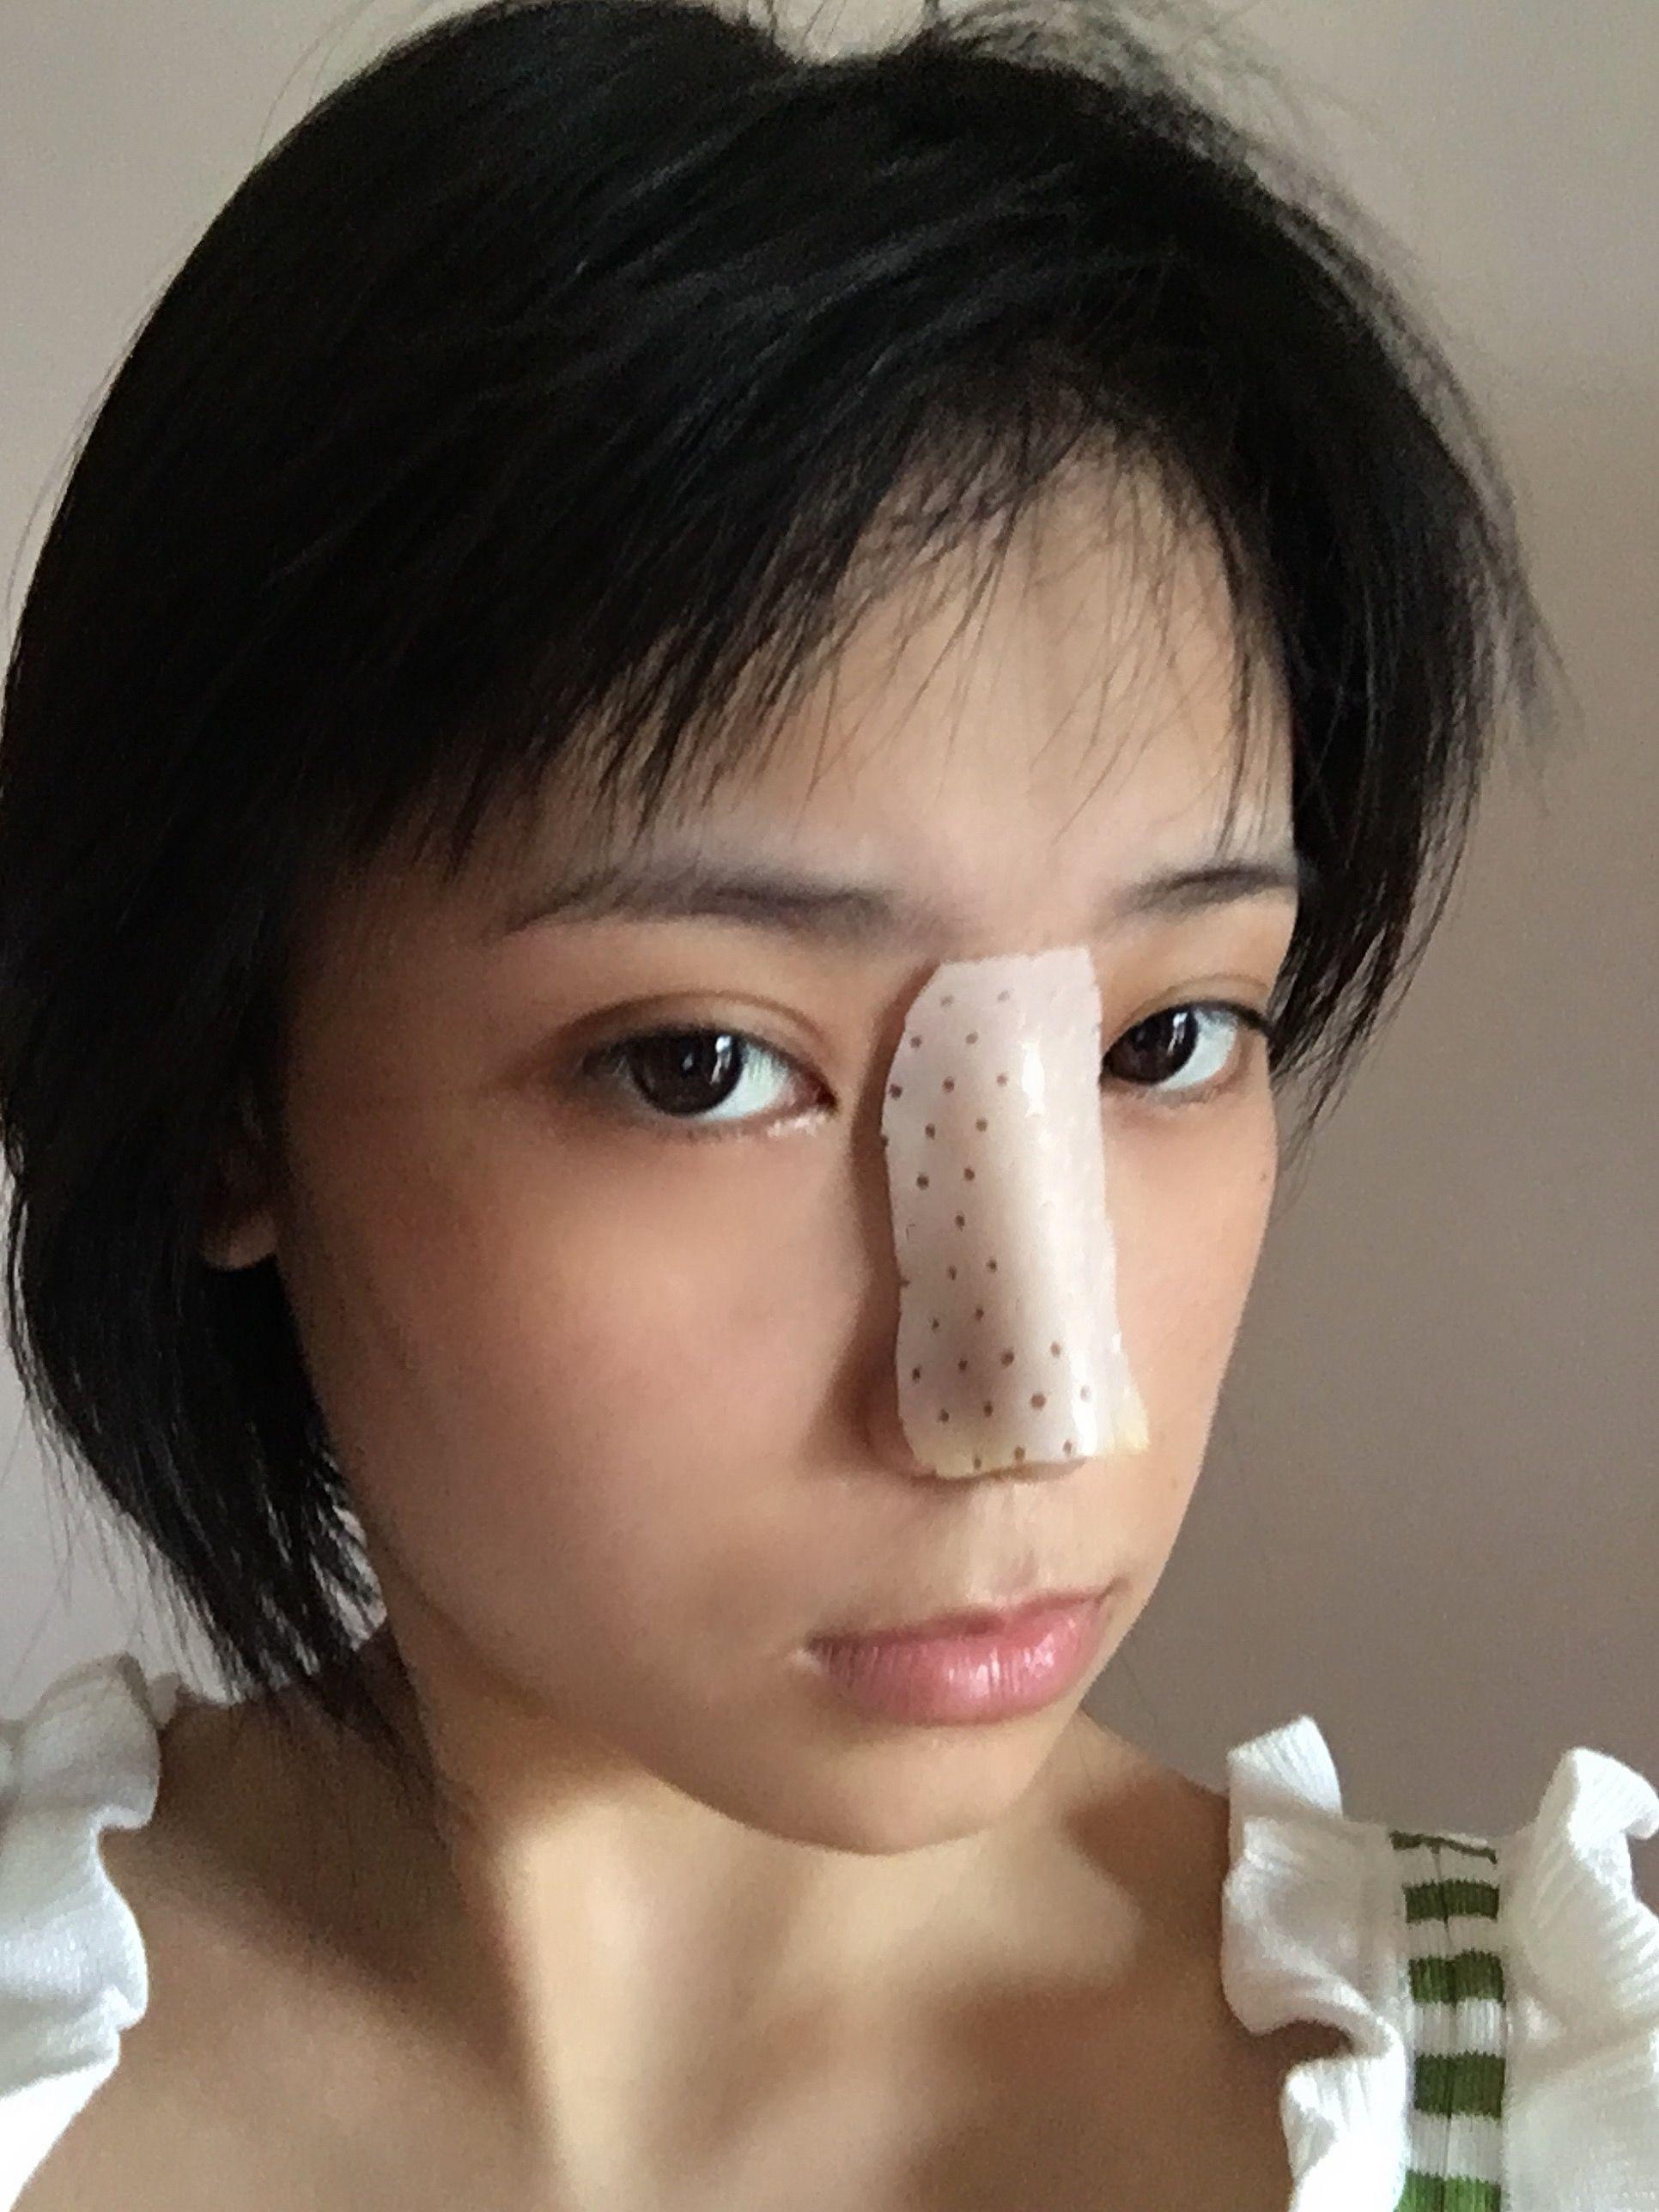 今天已经是术后拆线了,纪念一下变美的时刻,刚开始几天鼻夹板在鼻子上真的有点不舒服啊,现在,到现在没有什么感觉了,医生说这个是为了固定鼻假体的位置等。说实话,这几天我真的没有怎么去碰它,每天都是小心翼翼的,不过刚去了夹板之后真的舒服的好多,鼻子真正的弧度我终于看到了,心里乐开了花啊!